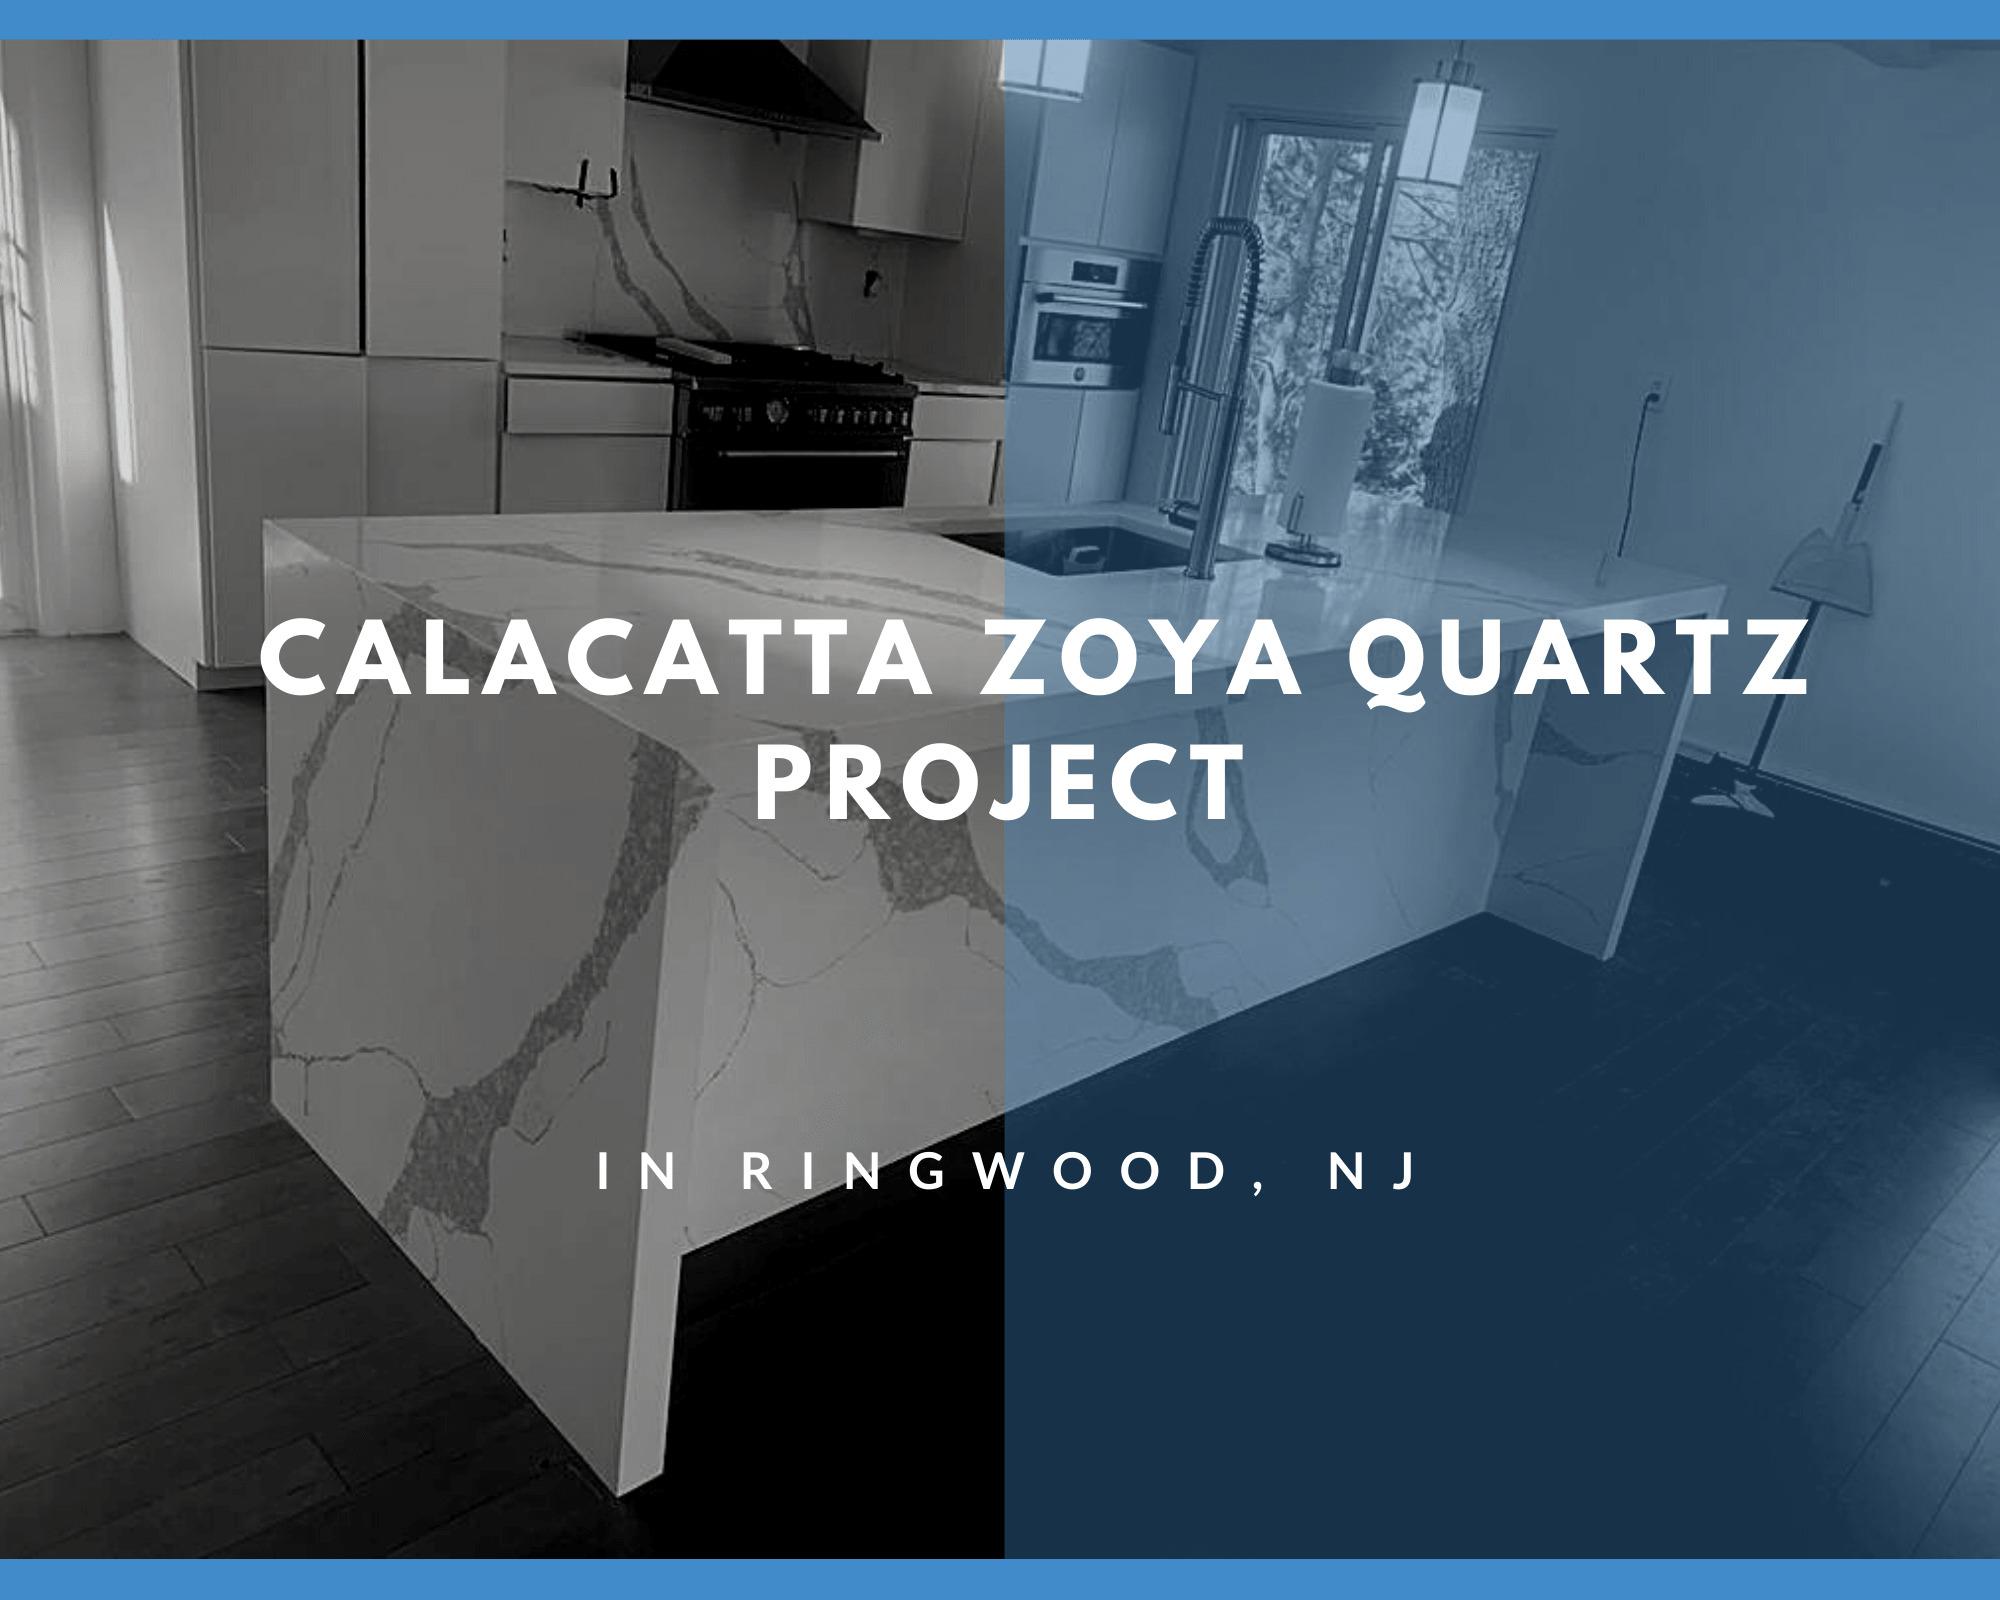 Calacatta Zoya Quartz Project in Ringwood, NJ